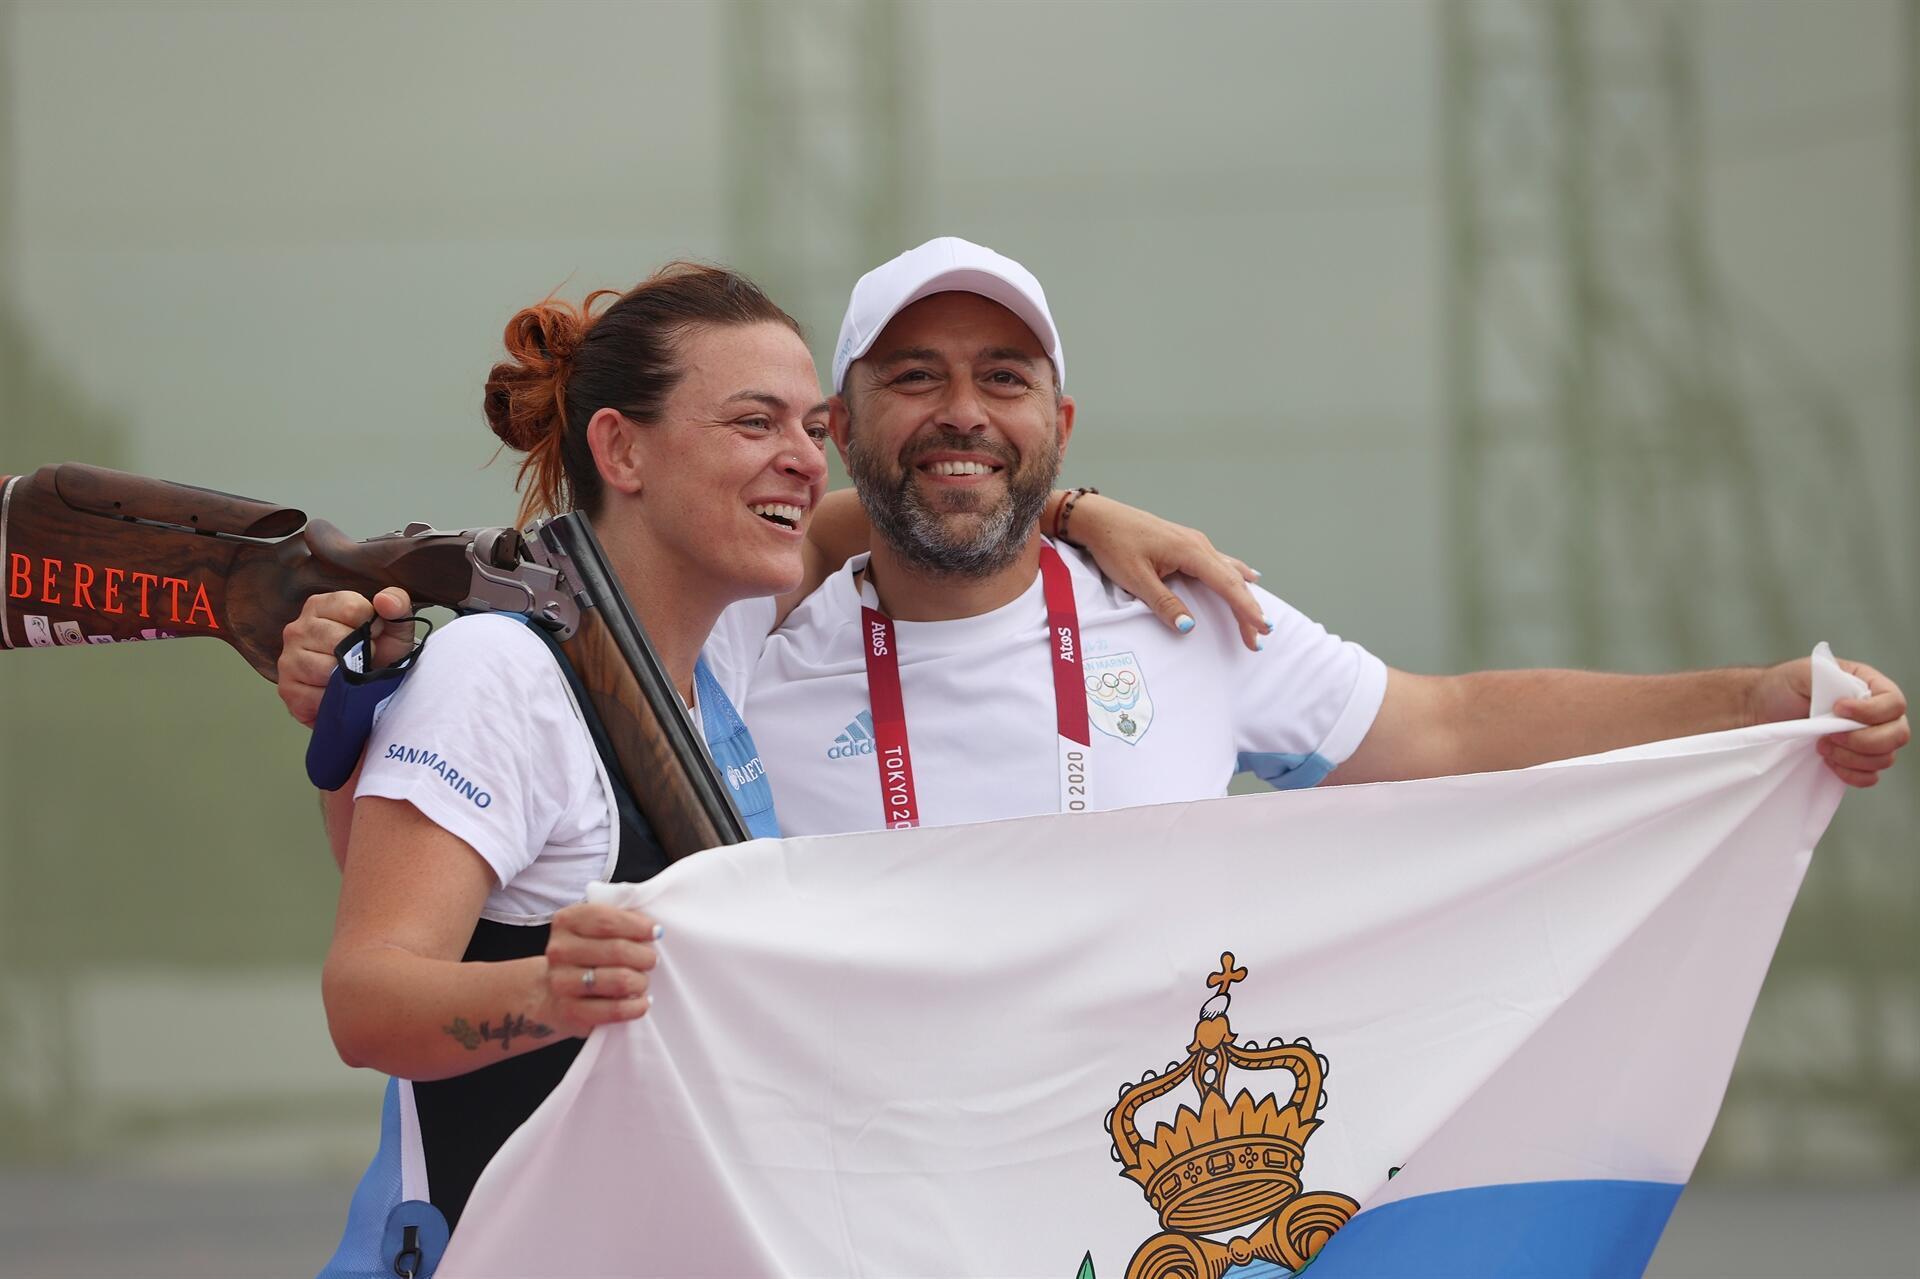 Tokyo 2020 Haberleri: San Marino'dan olimpiyat tarihinde bir ilk! Atıcılık trap kategorisinde bronz madalya...